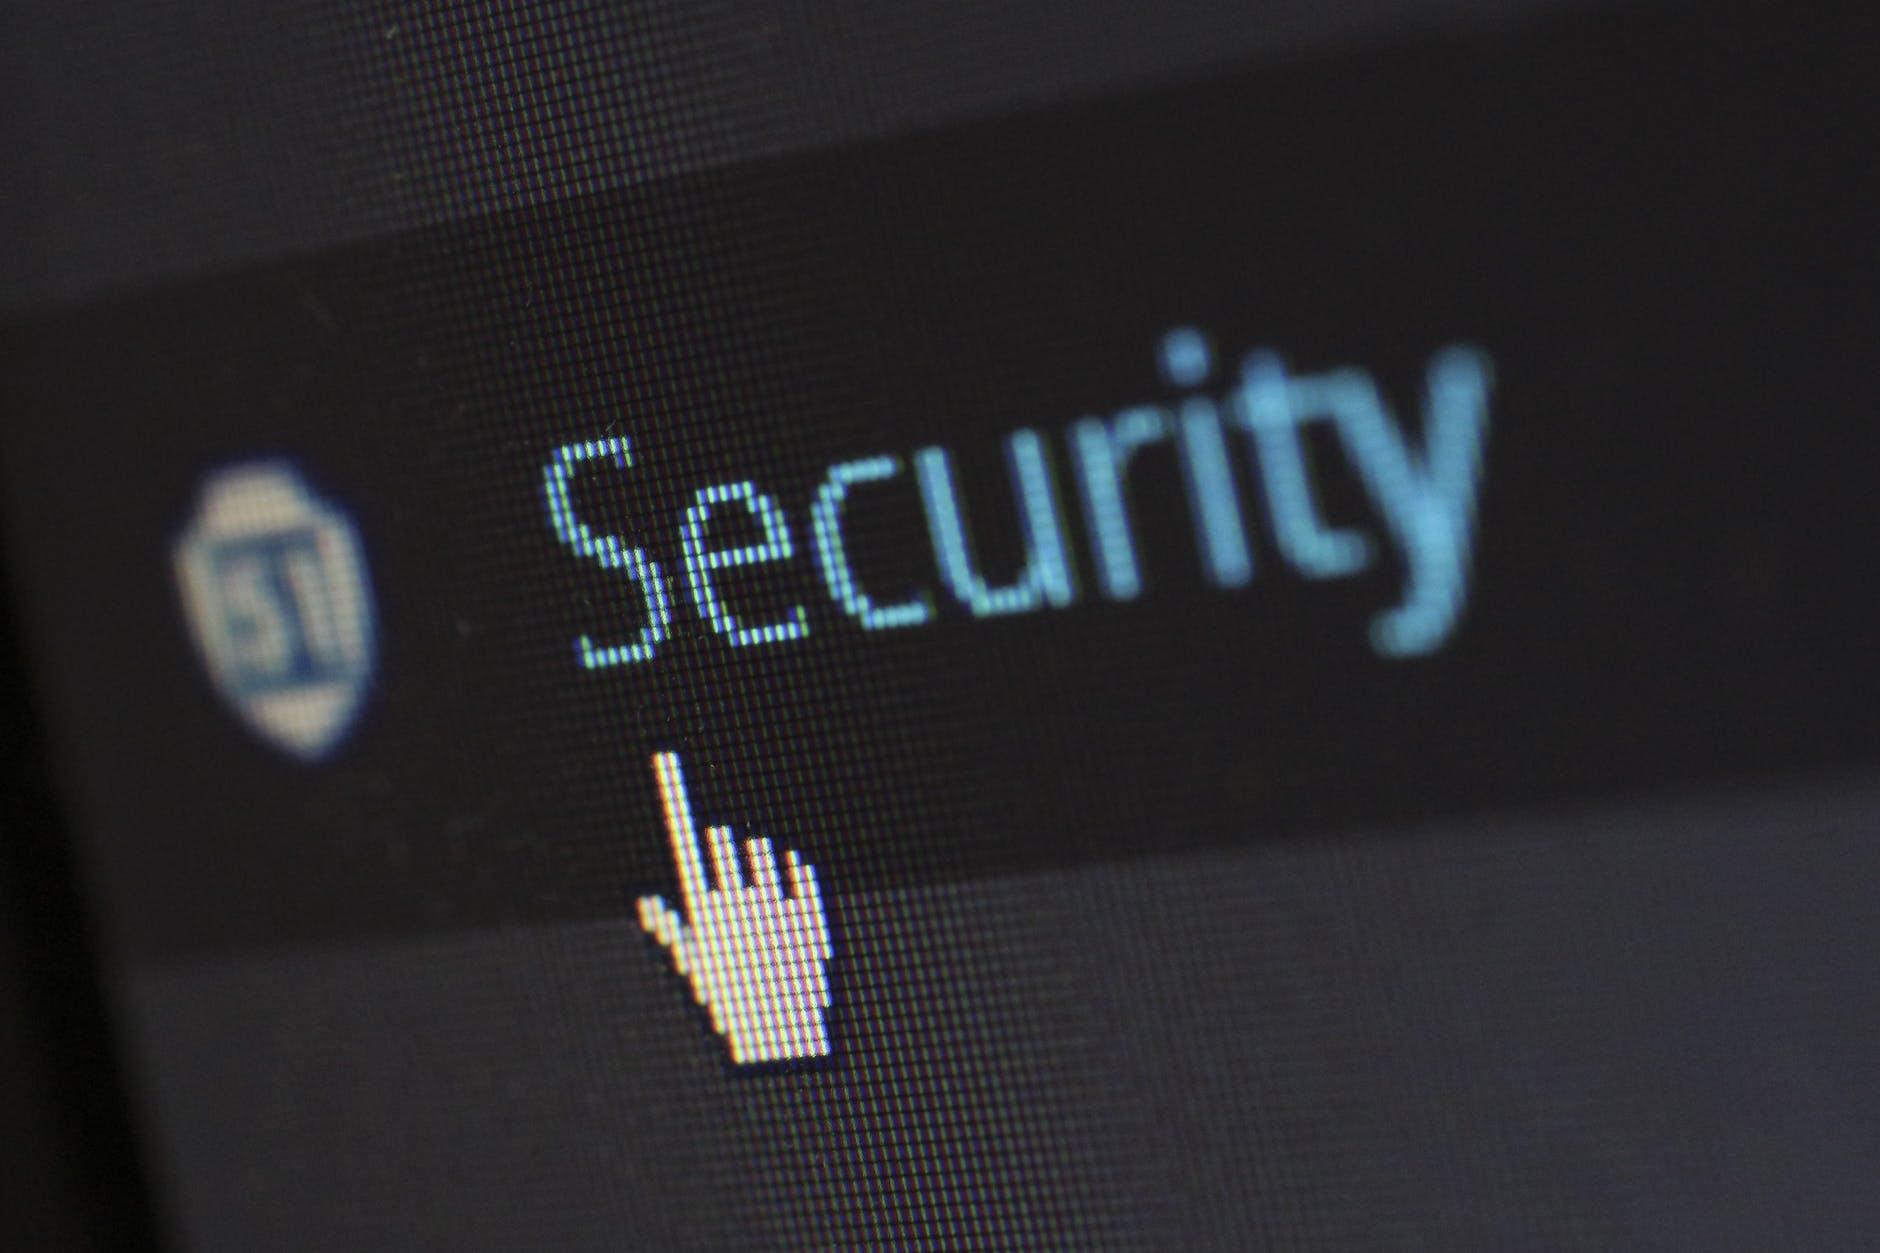 Certificado SSL: o que é, Quais os Tipos e Como Funcionam estes Certificados?